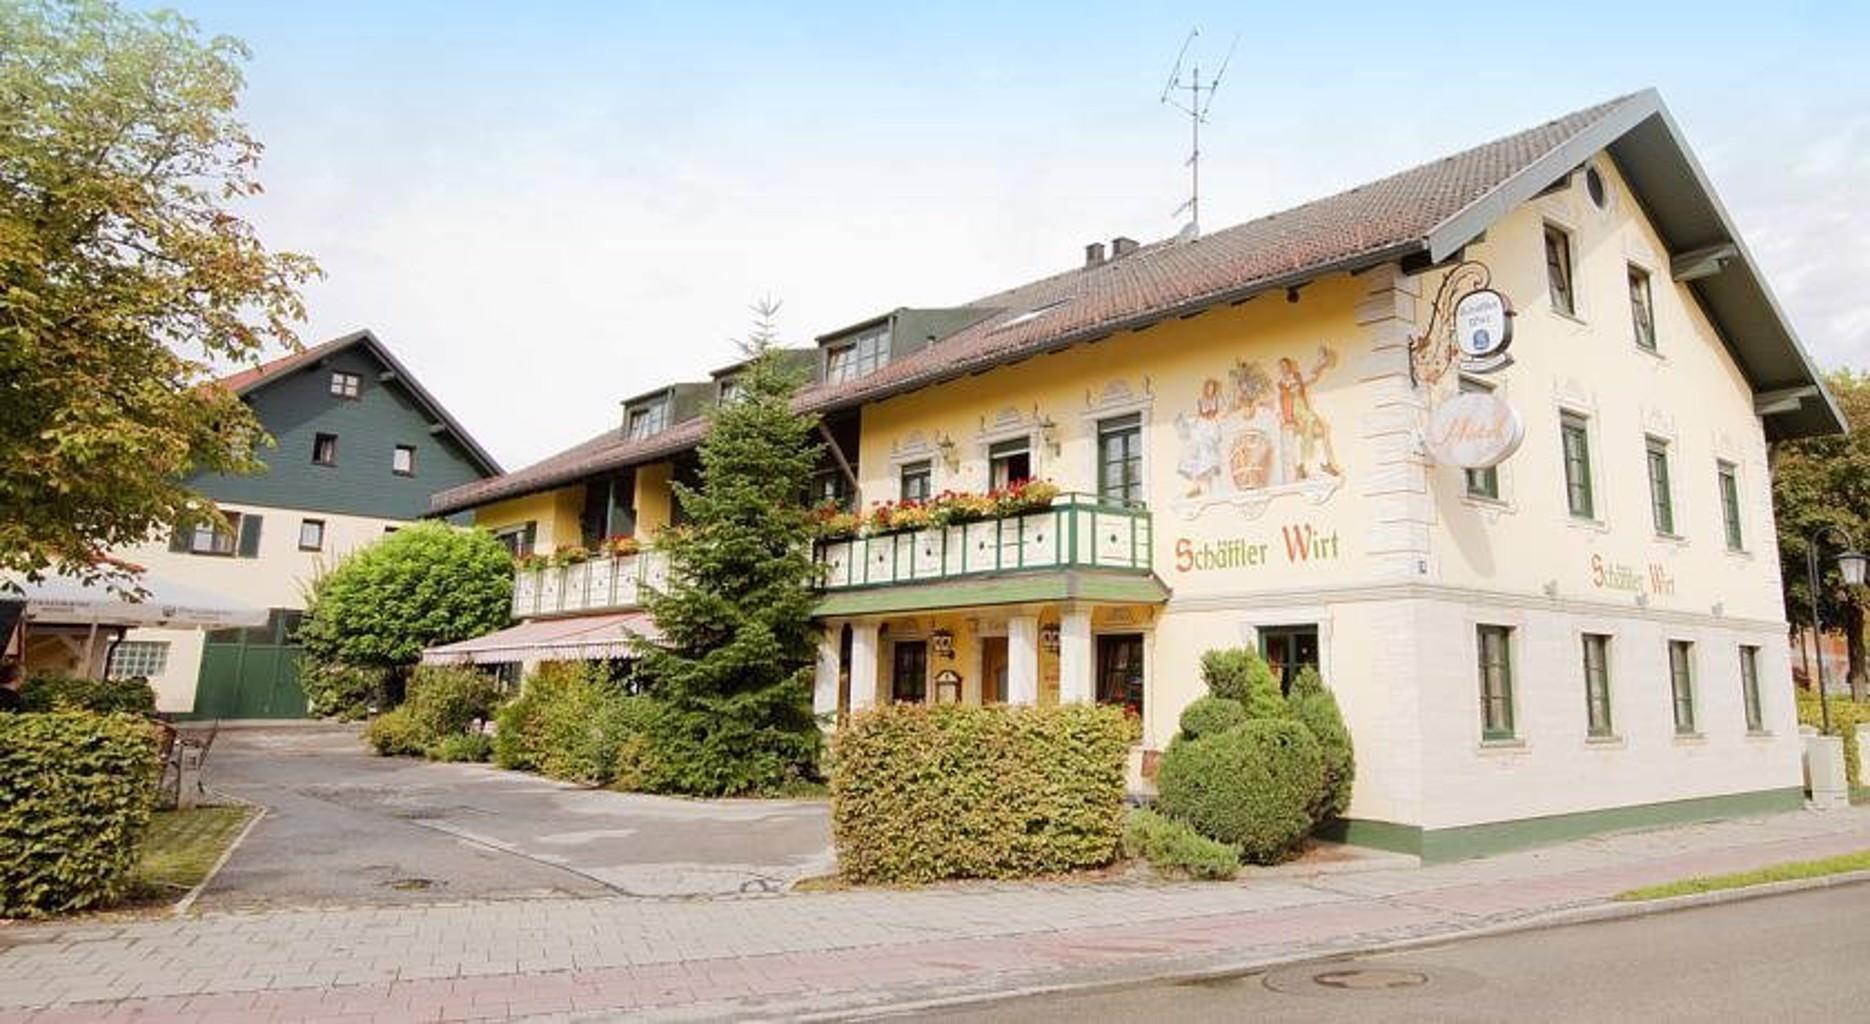 Hotel Schafflerwirt